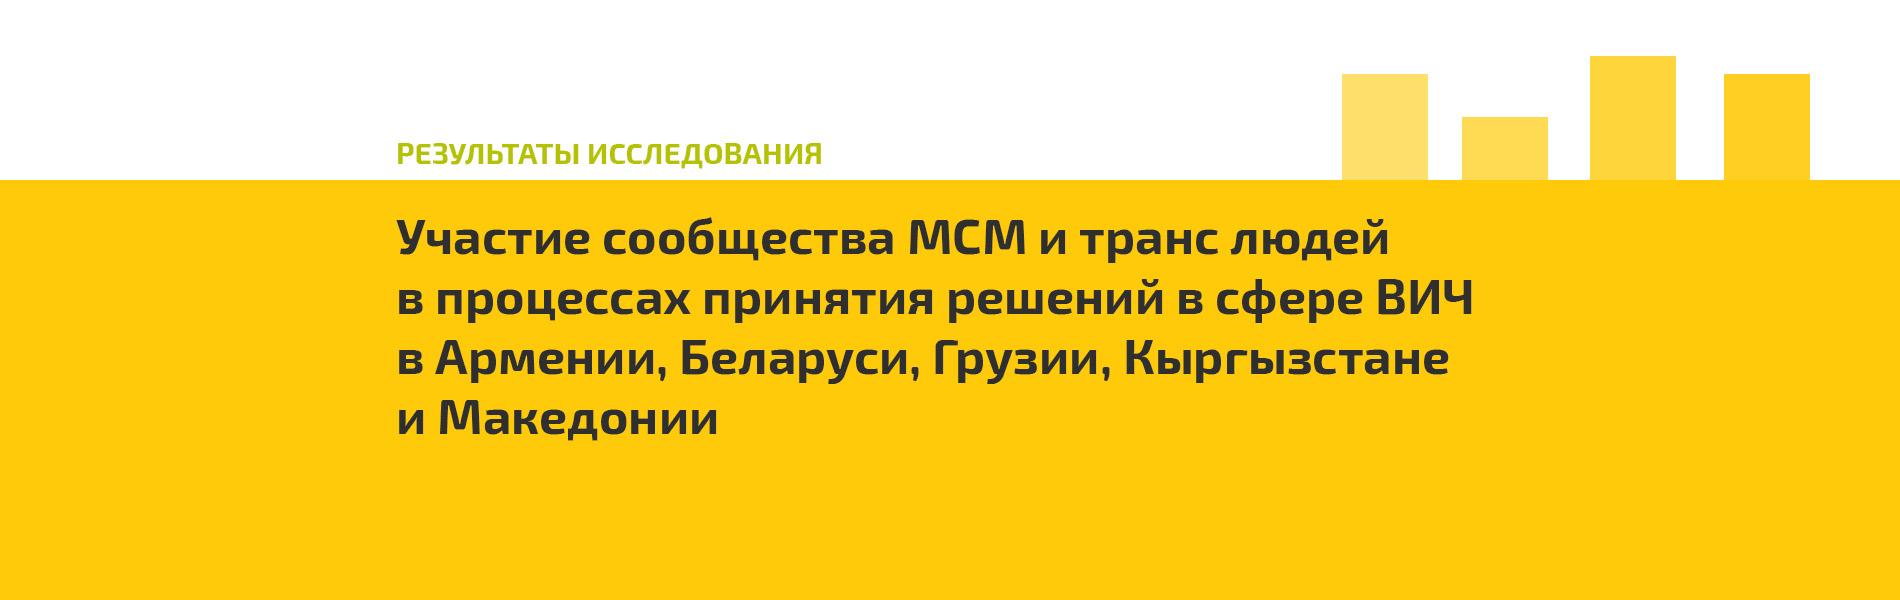 Документ показывает ситуацию с участием МСМ и транс людей в процессах принятия решений в Армении, Беларуси, Грузии, Кыргызстане и Македонии